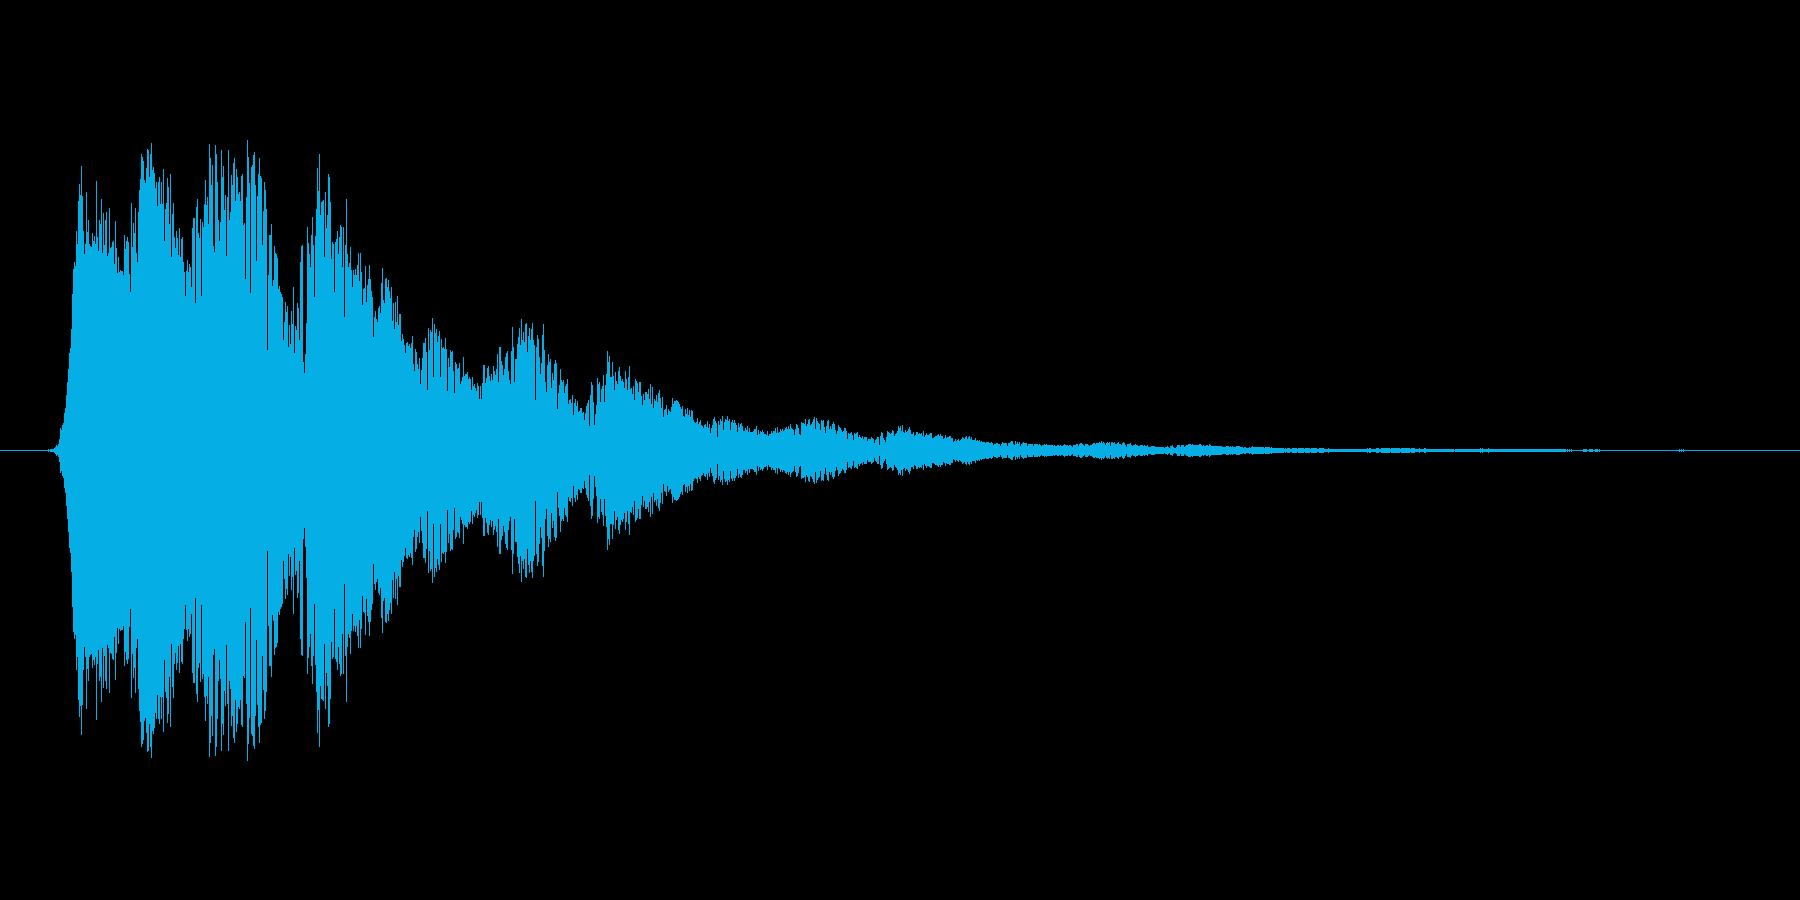 ファミコン風効果音決定音系です 02の再生済みの波形